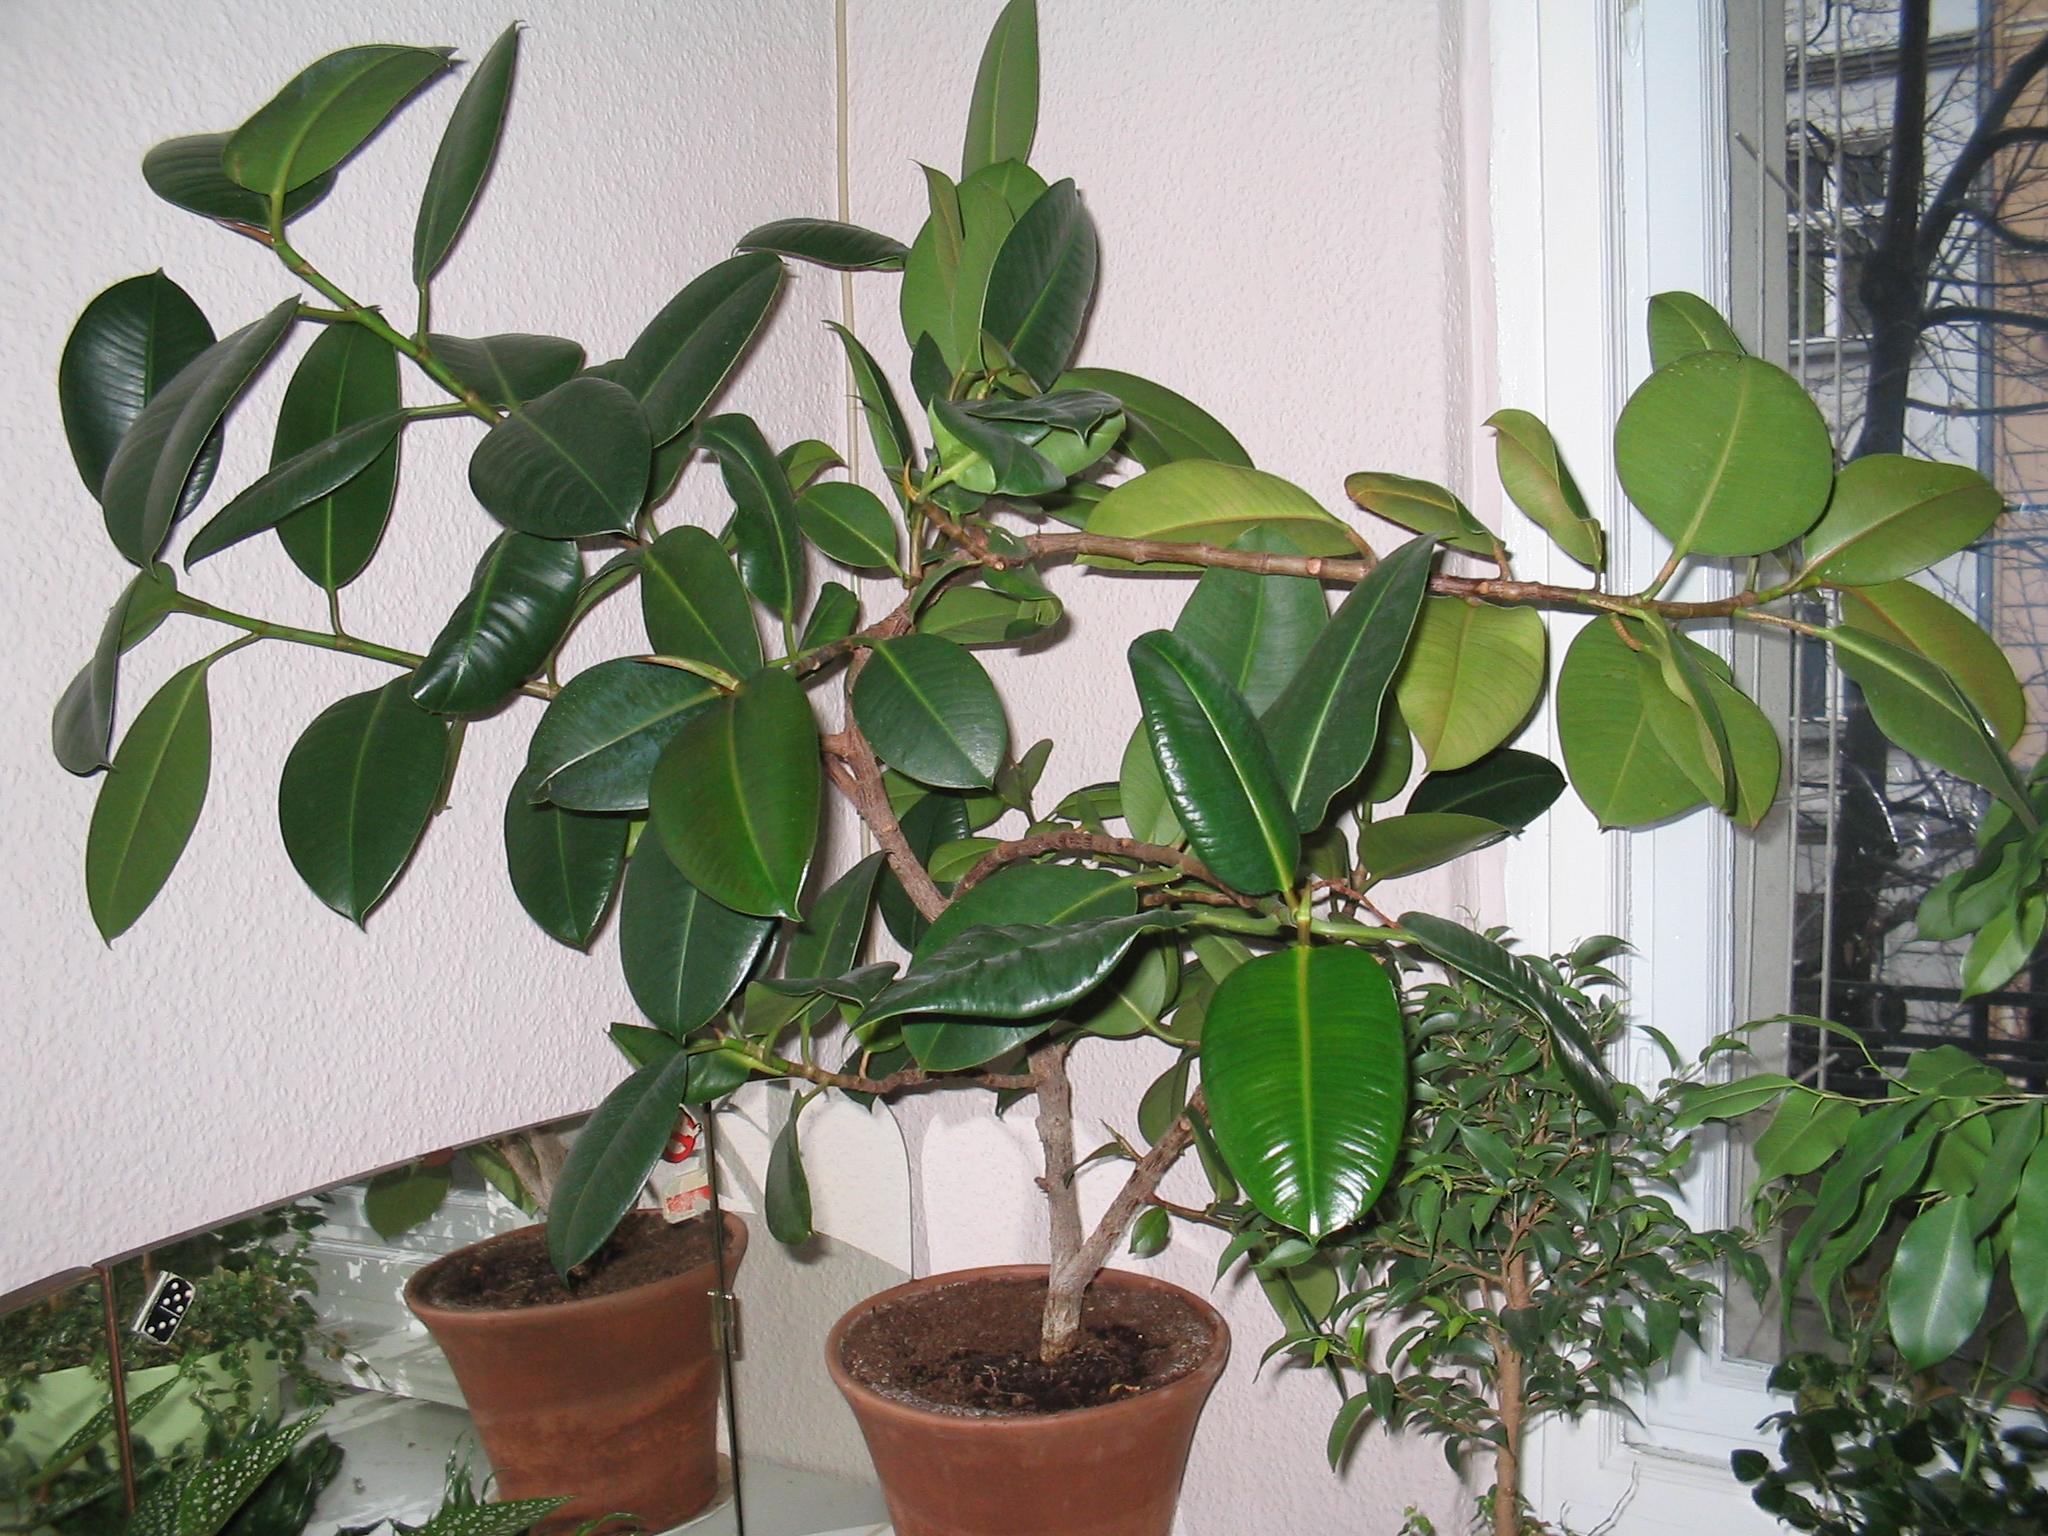 Nochmal ableger gummibaum sibylle wer weiss for Kleine zimmerpflanzen